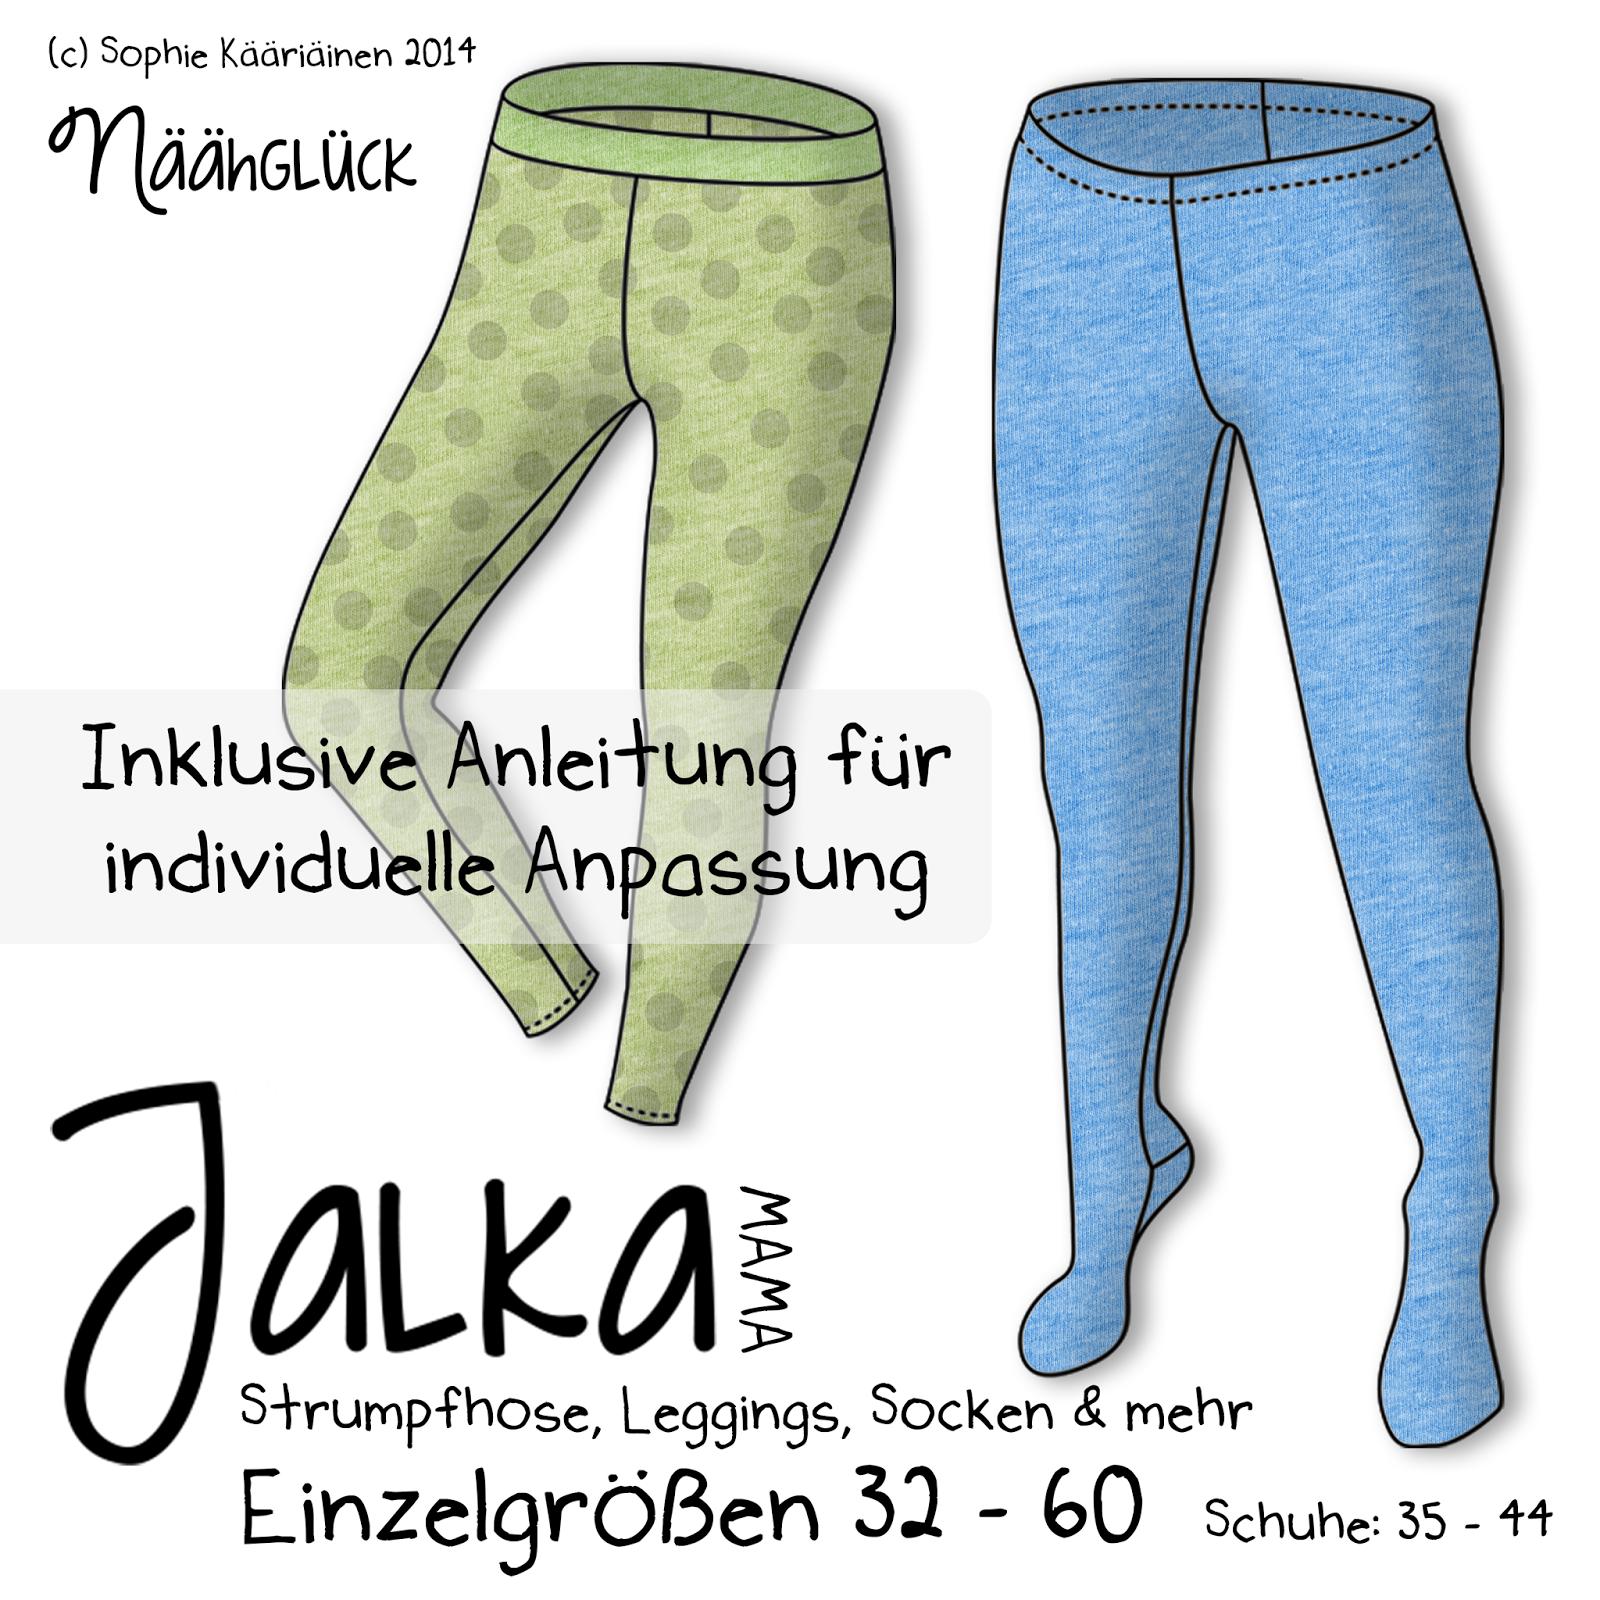 http://kaariainen.blogspot.de/p/jalka-mama.html